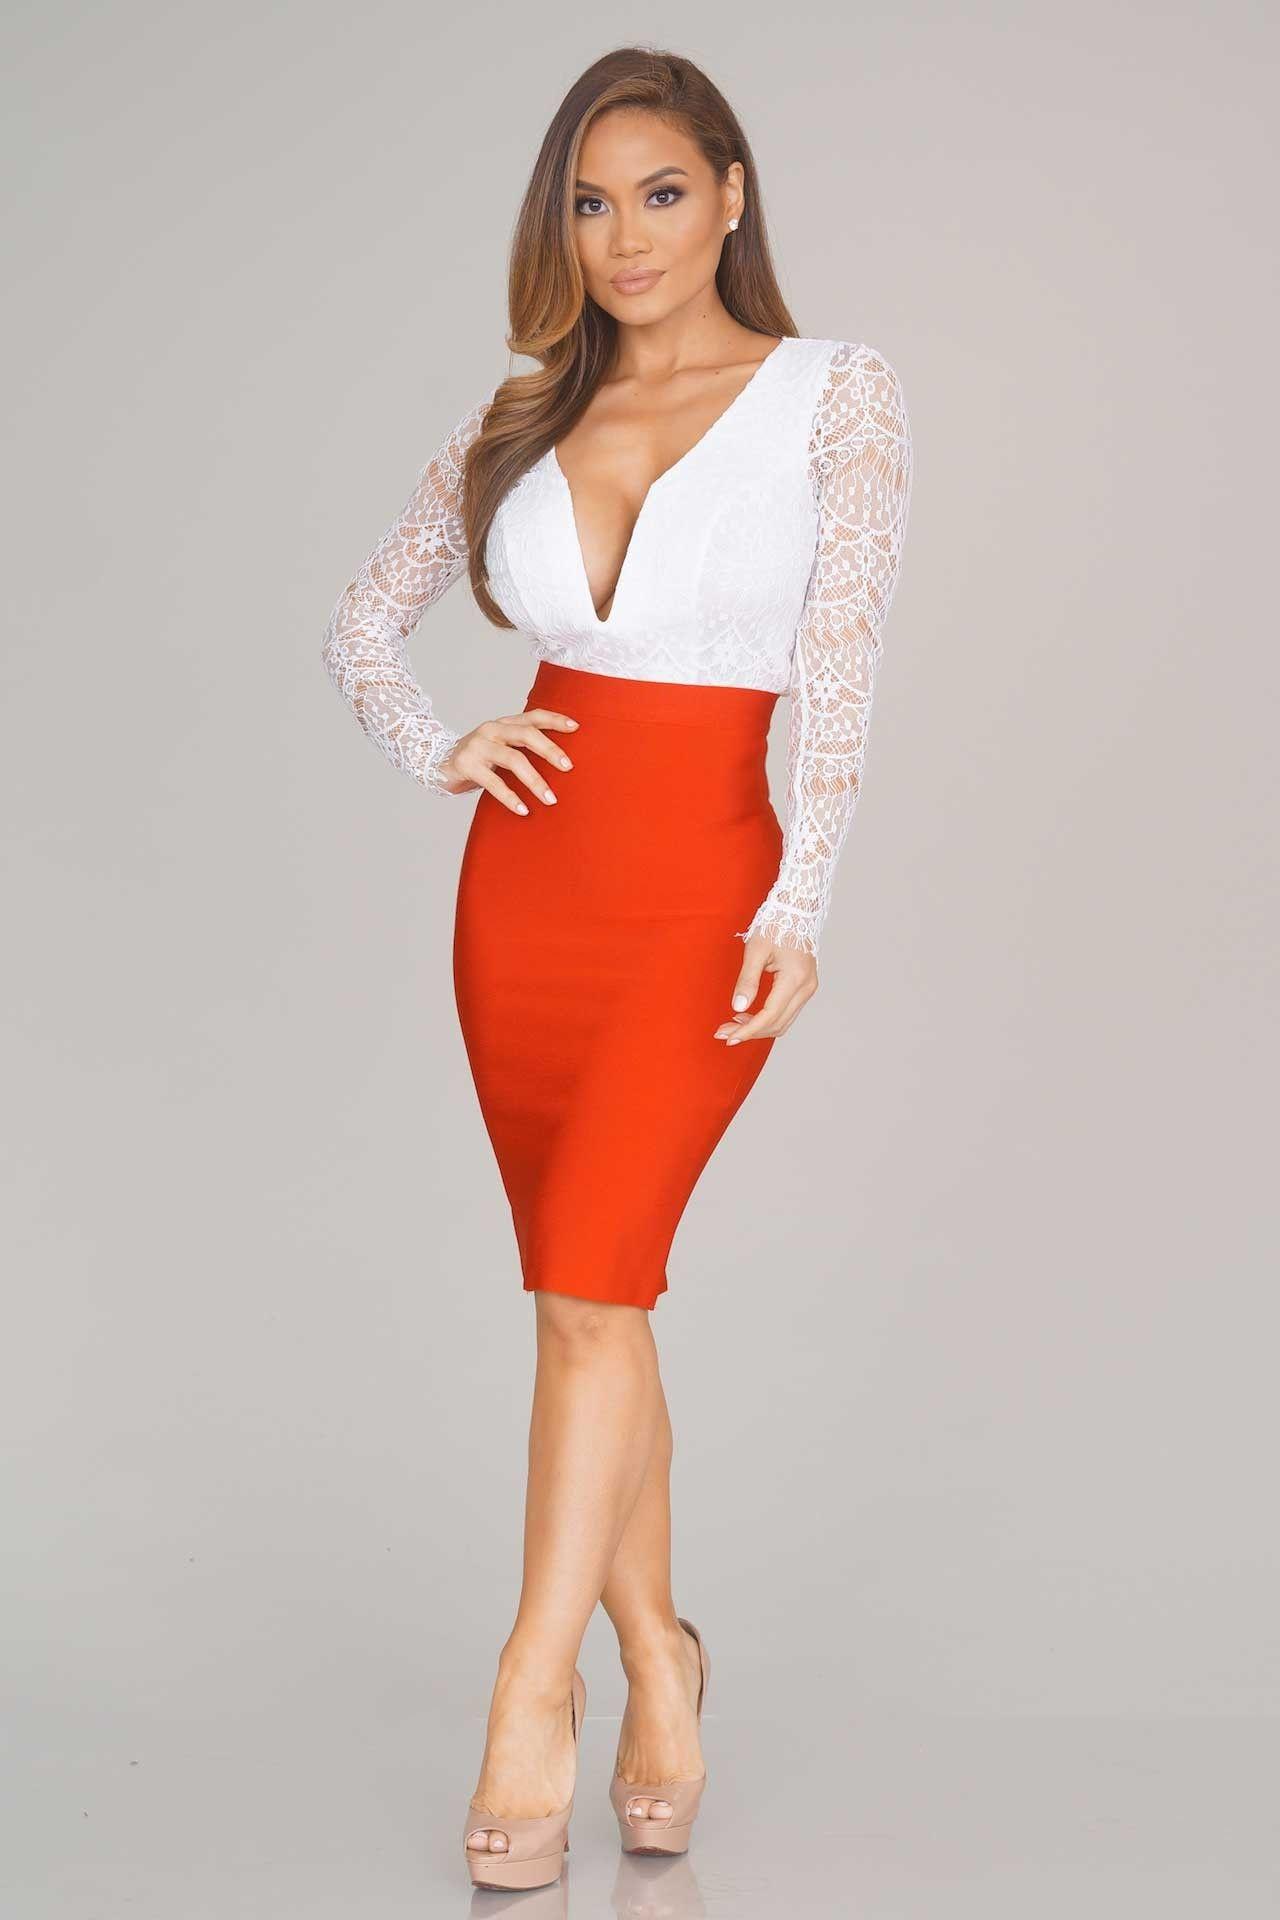 bandage skirts charlize bandage skirt - red - bottoms - clothing TKBIAPI